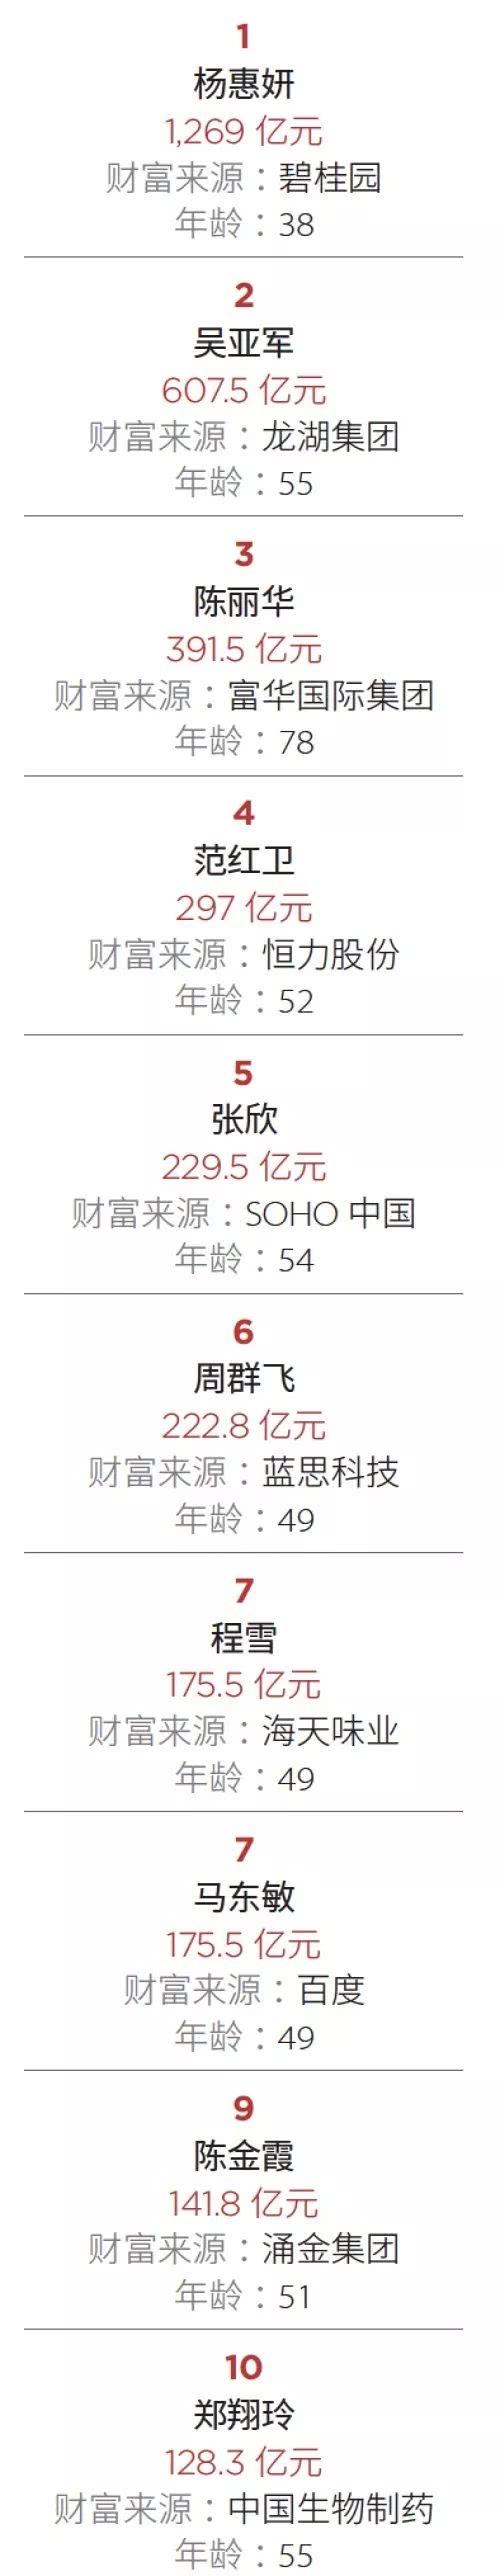 福布斯中国发布2019最富有女性榜 来看看她们都是谁?